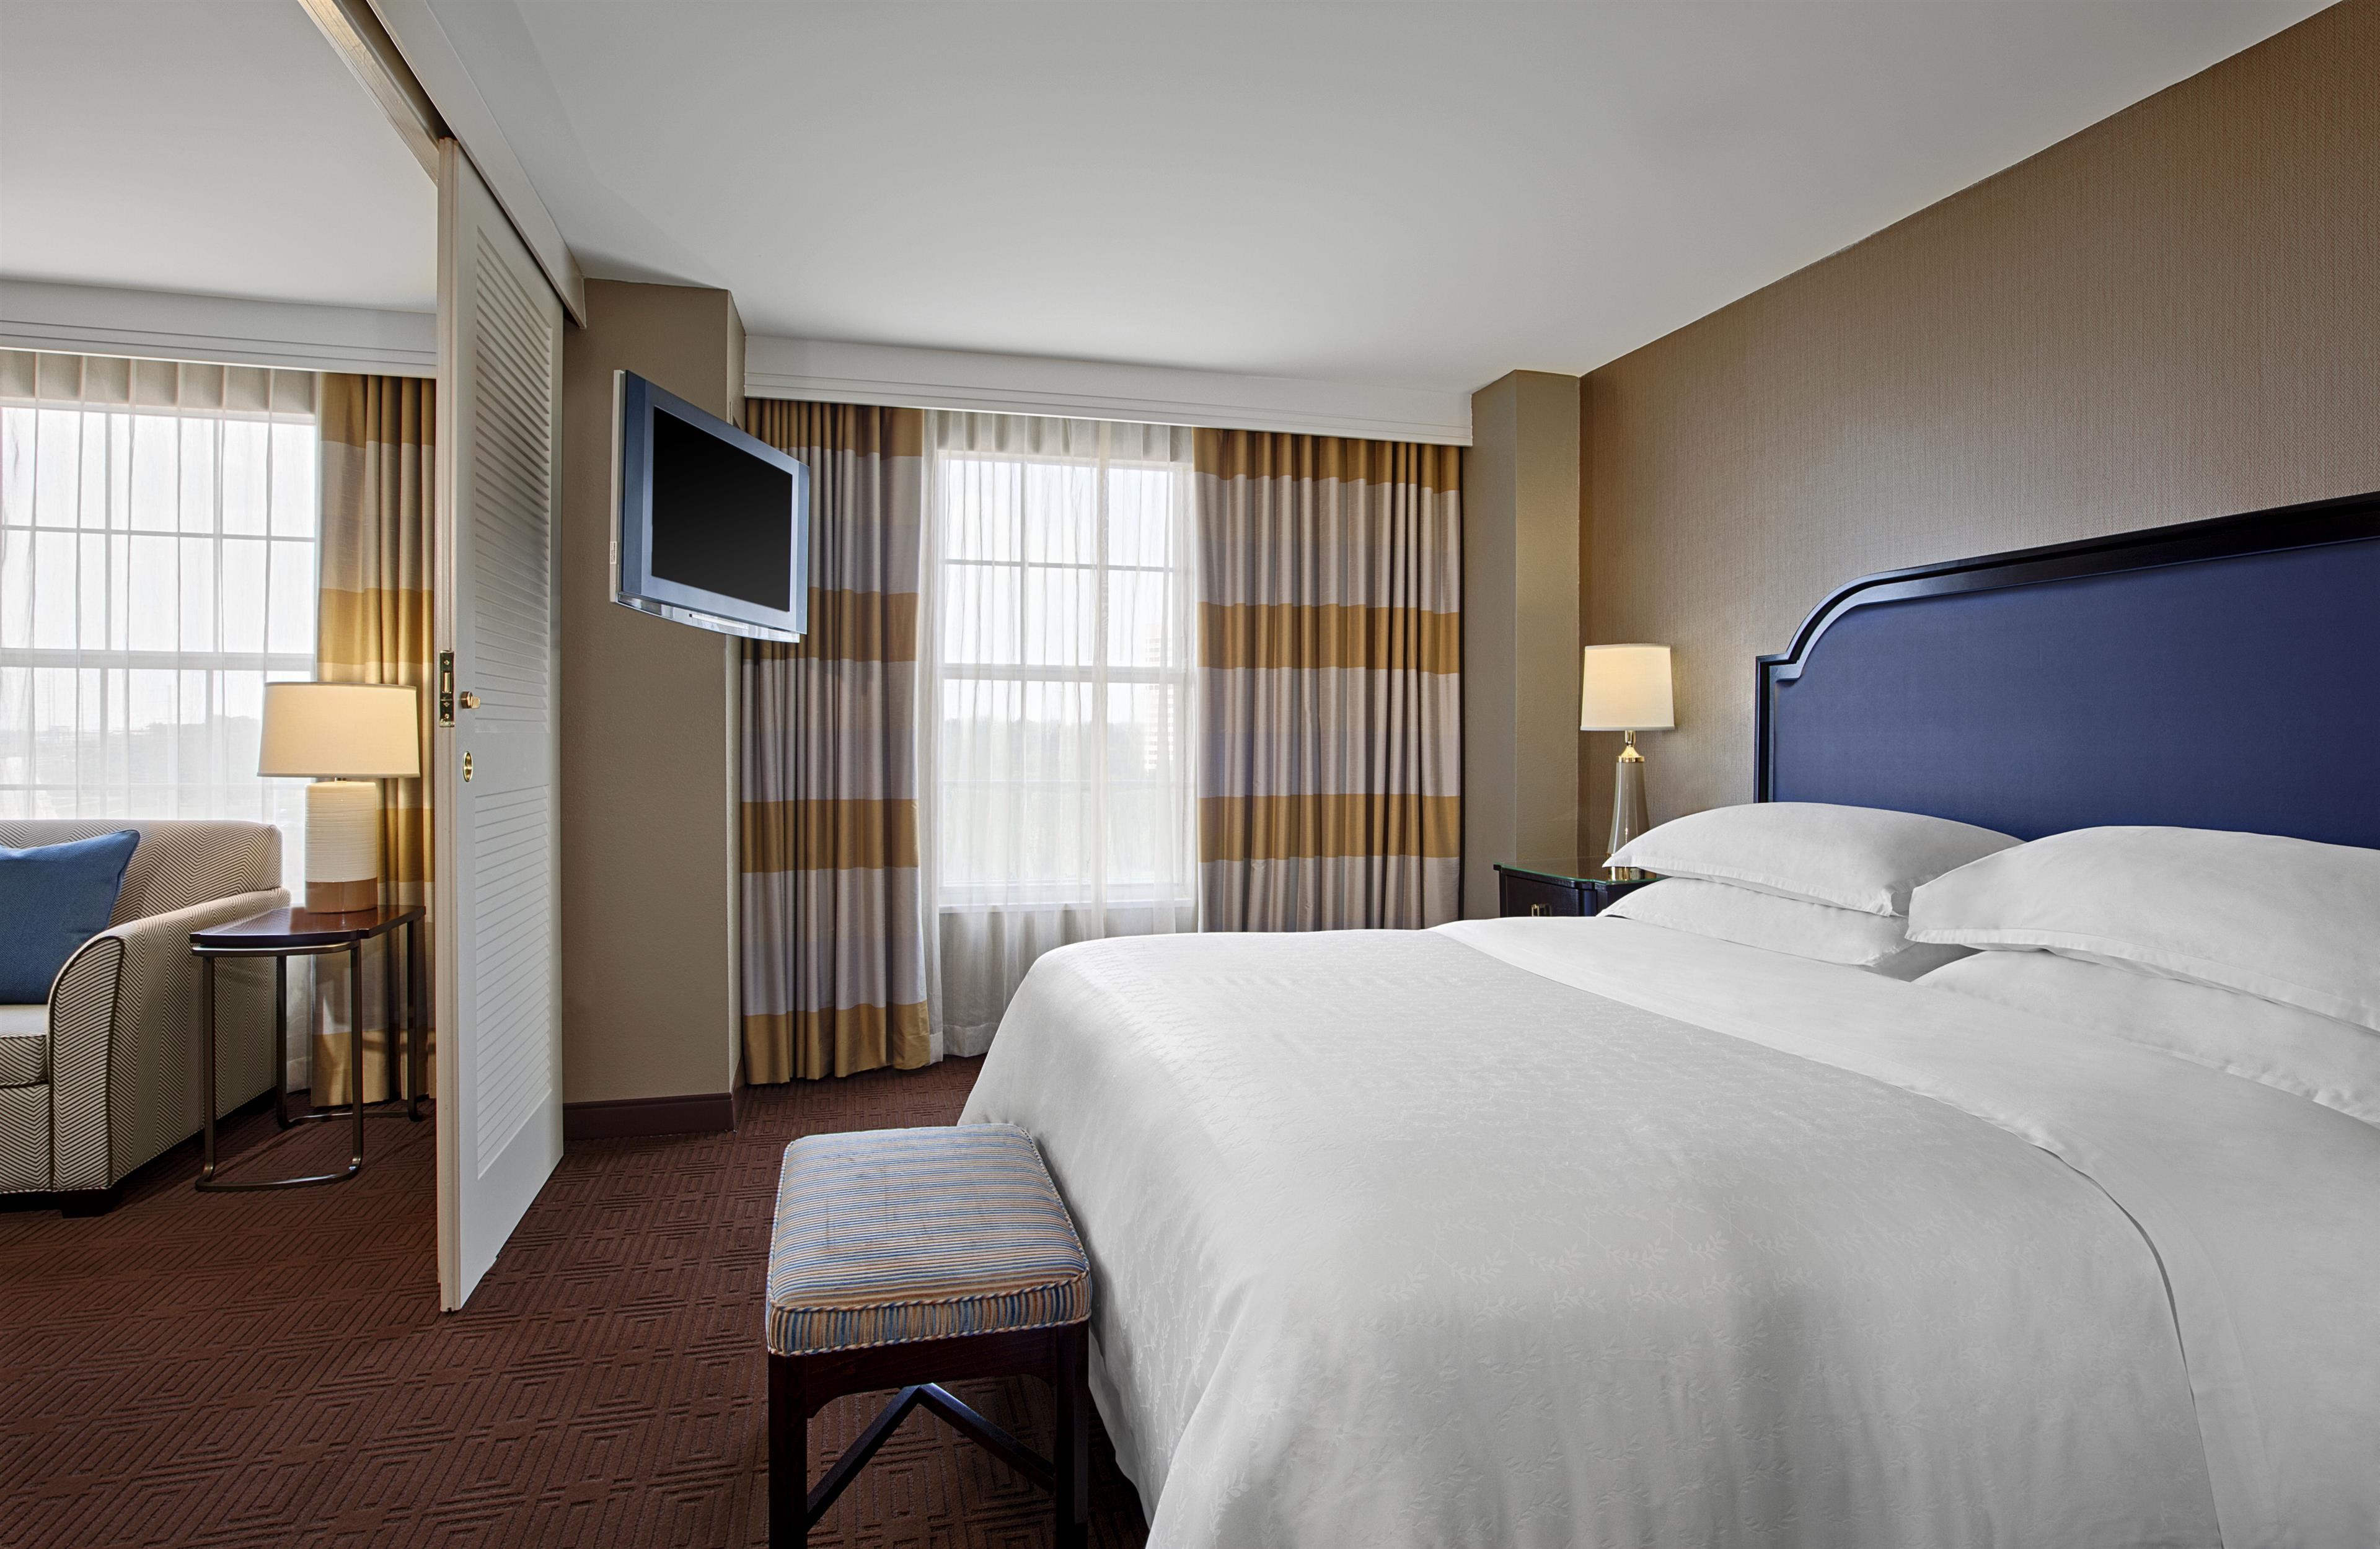 Sheraton Suites Galleria-Atlanta image 3